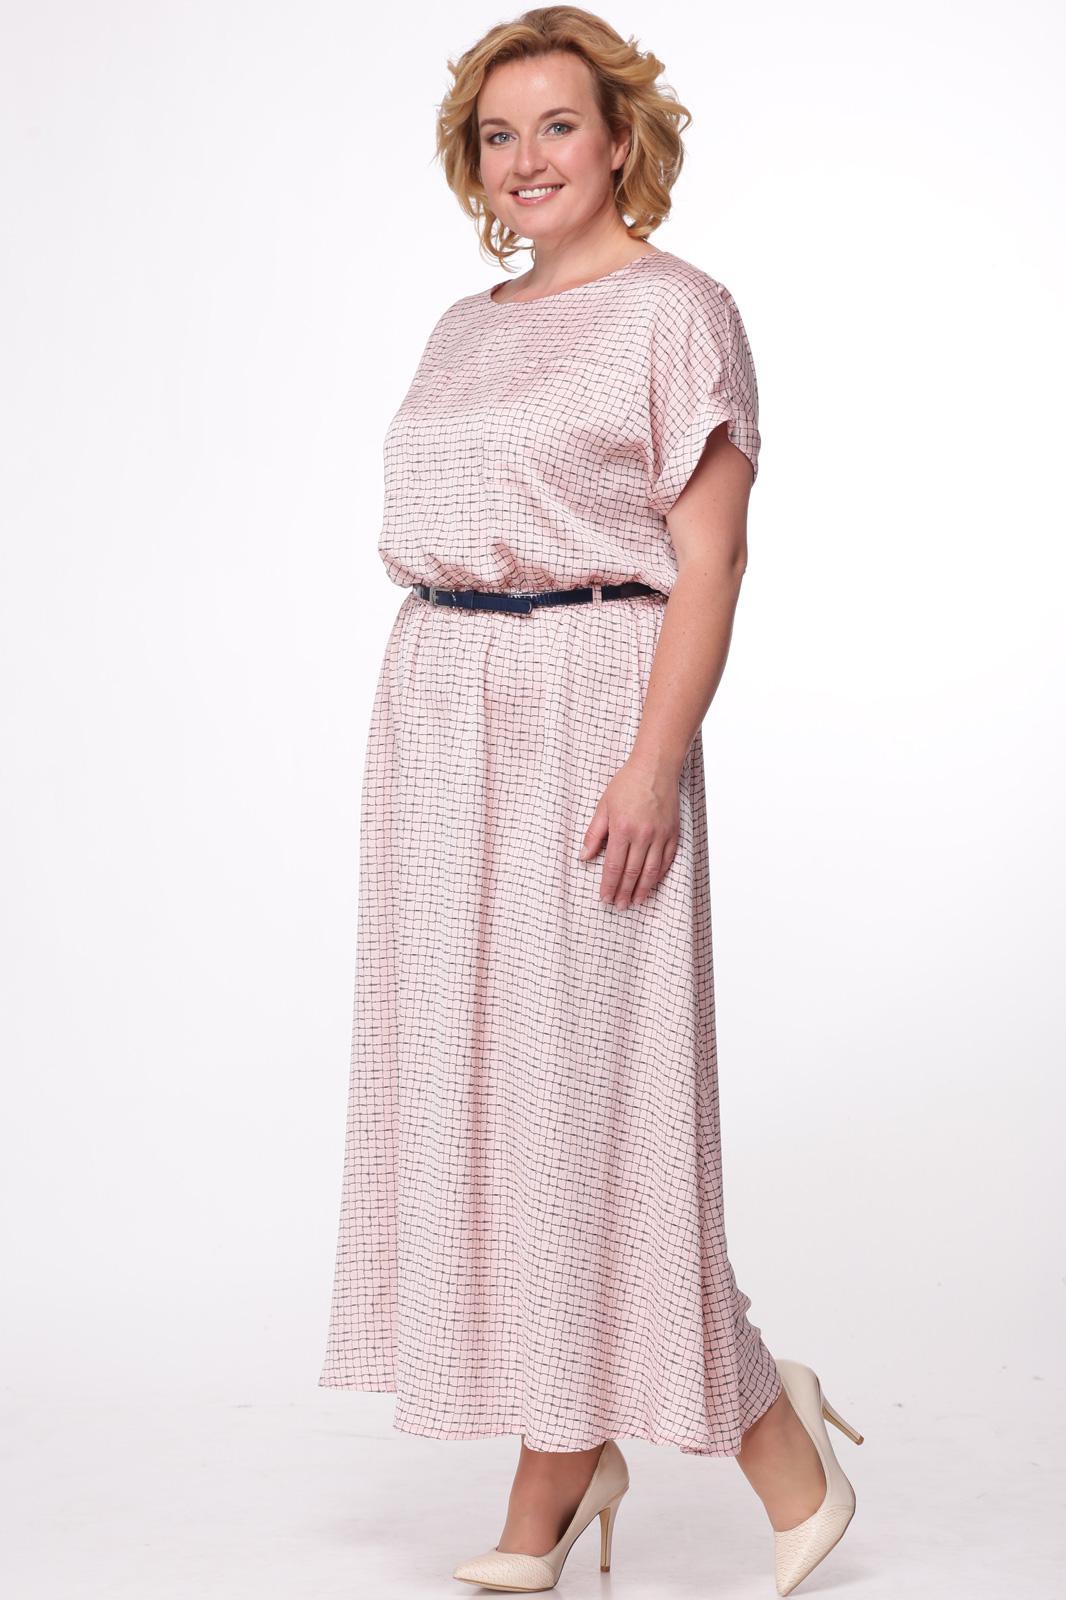 Купить Платье Michel Chic, 664/4 светло-розовый, Беларусь